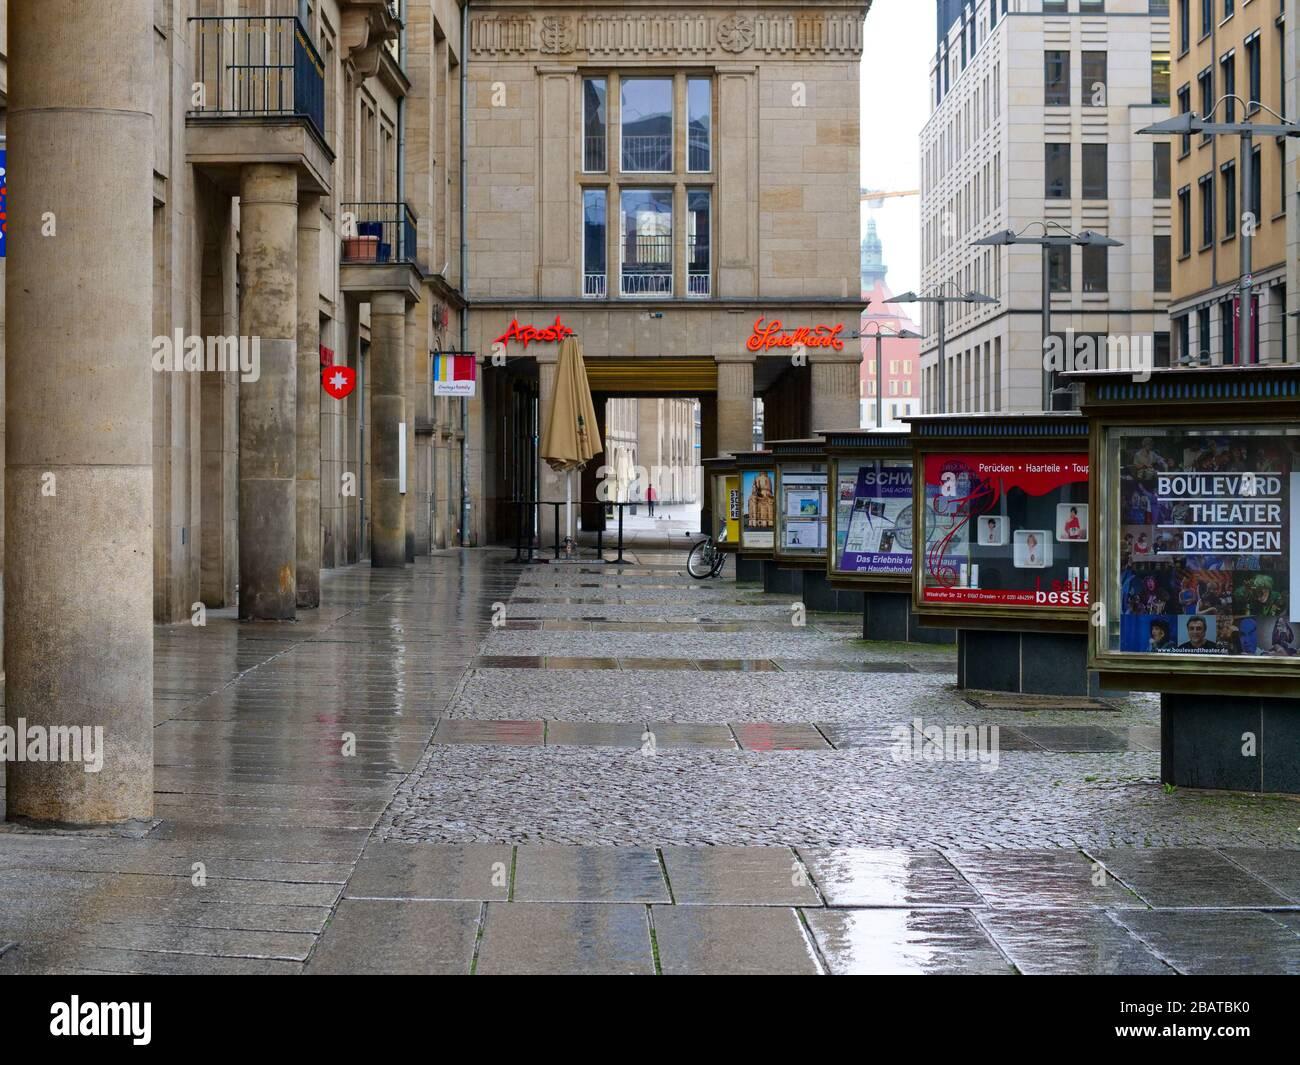 Altmarkt-Galerie en Dresden während Coronavirus Lockdown 2020 COVID-19 Ausgangssperre Regenwetter Regen Foto de stock